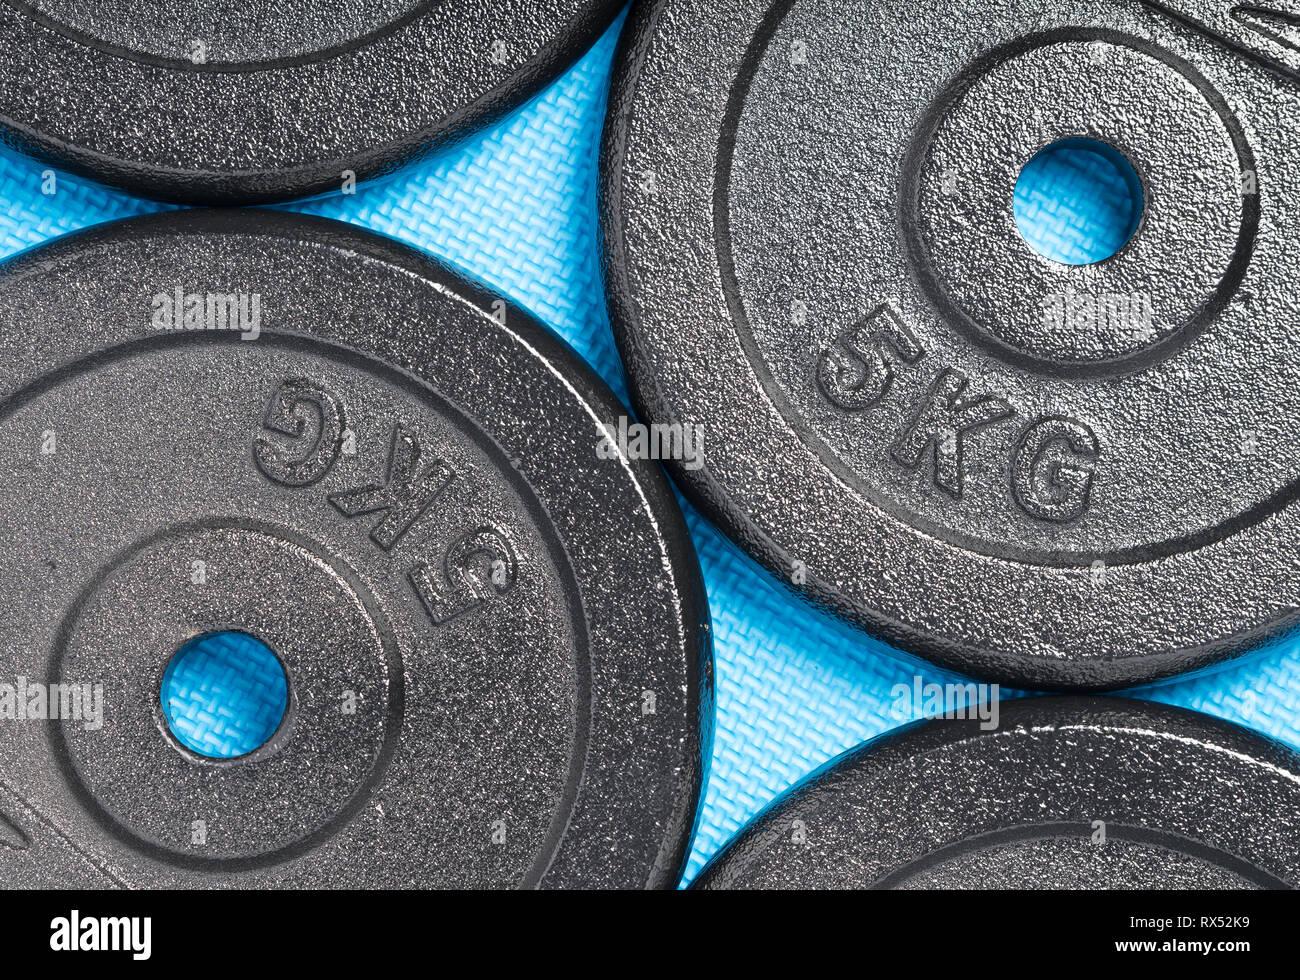 Les plaques de poids sur un sol bleu coloré à l'intérieur d'une formation de poids salle de sport / fitness studio Photo Stock